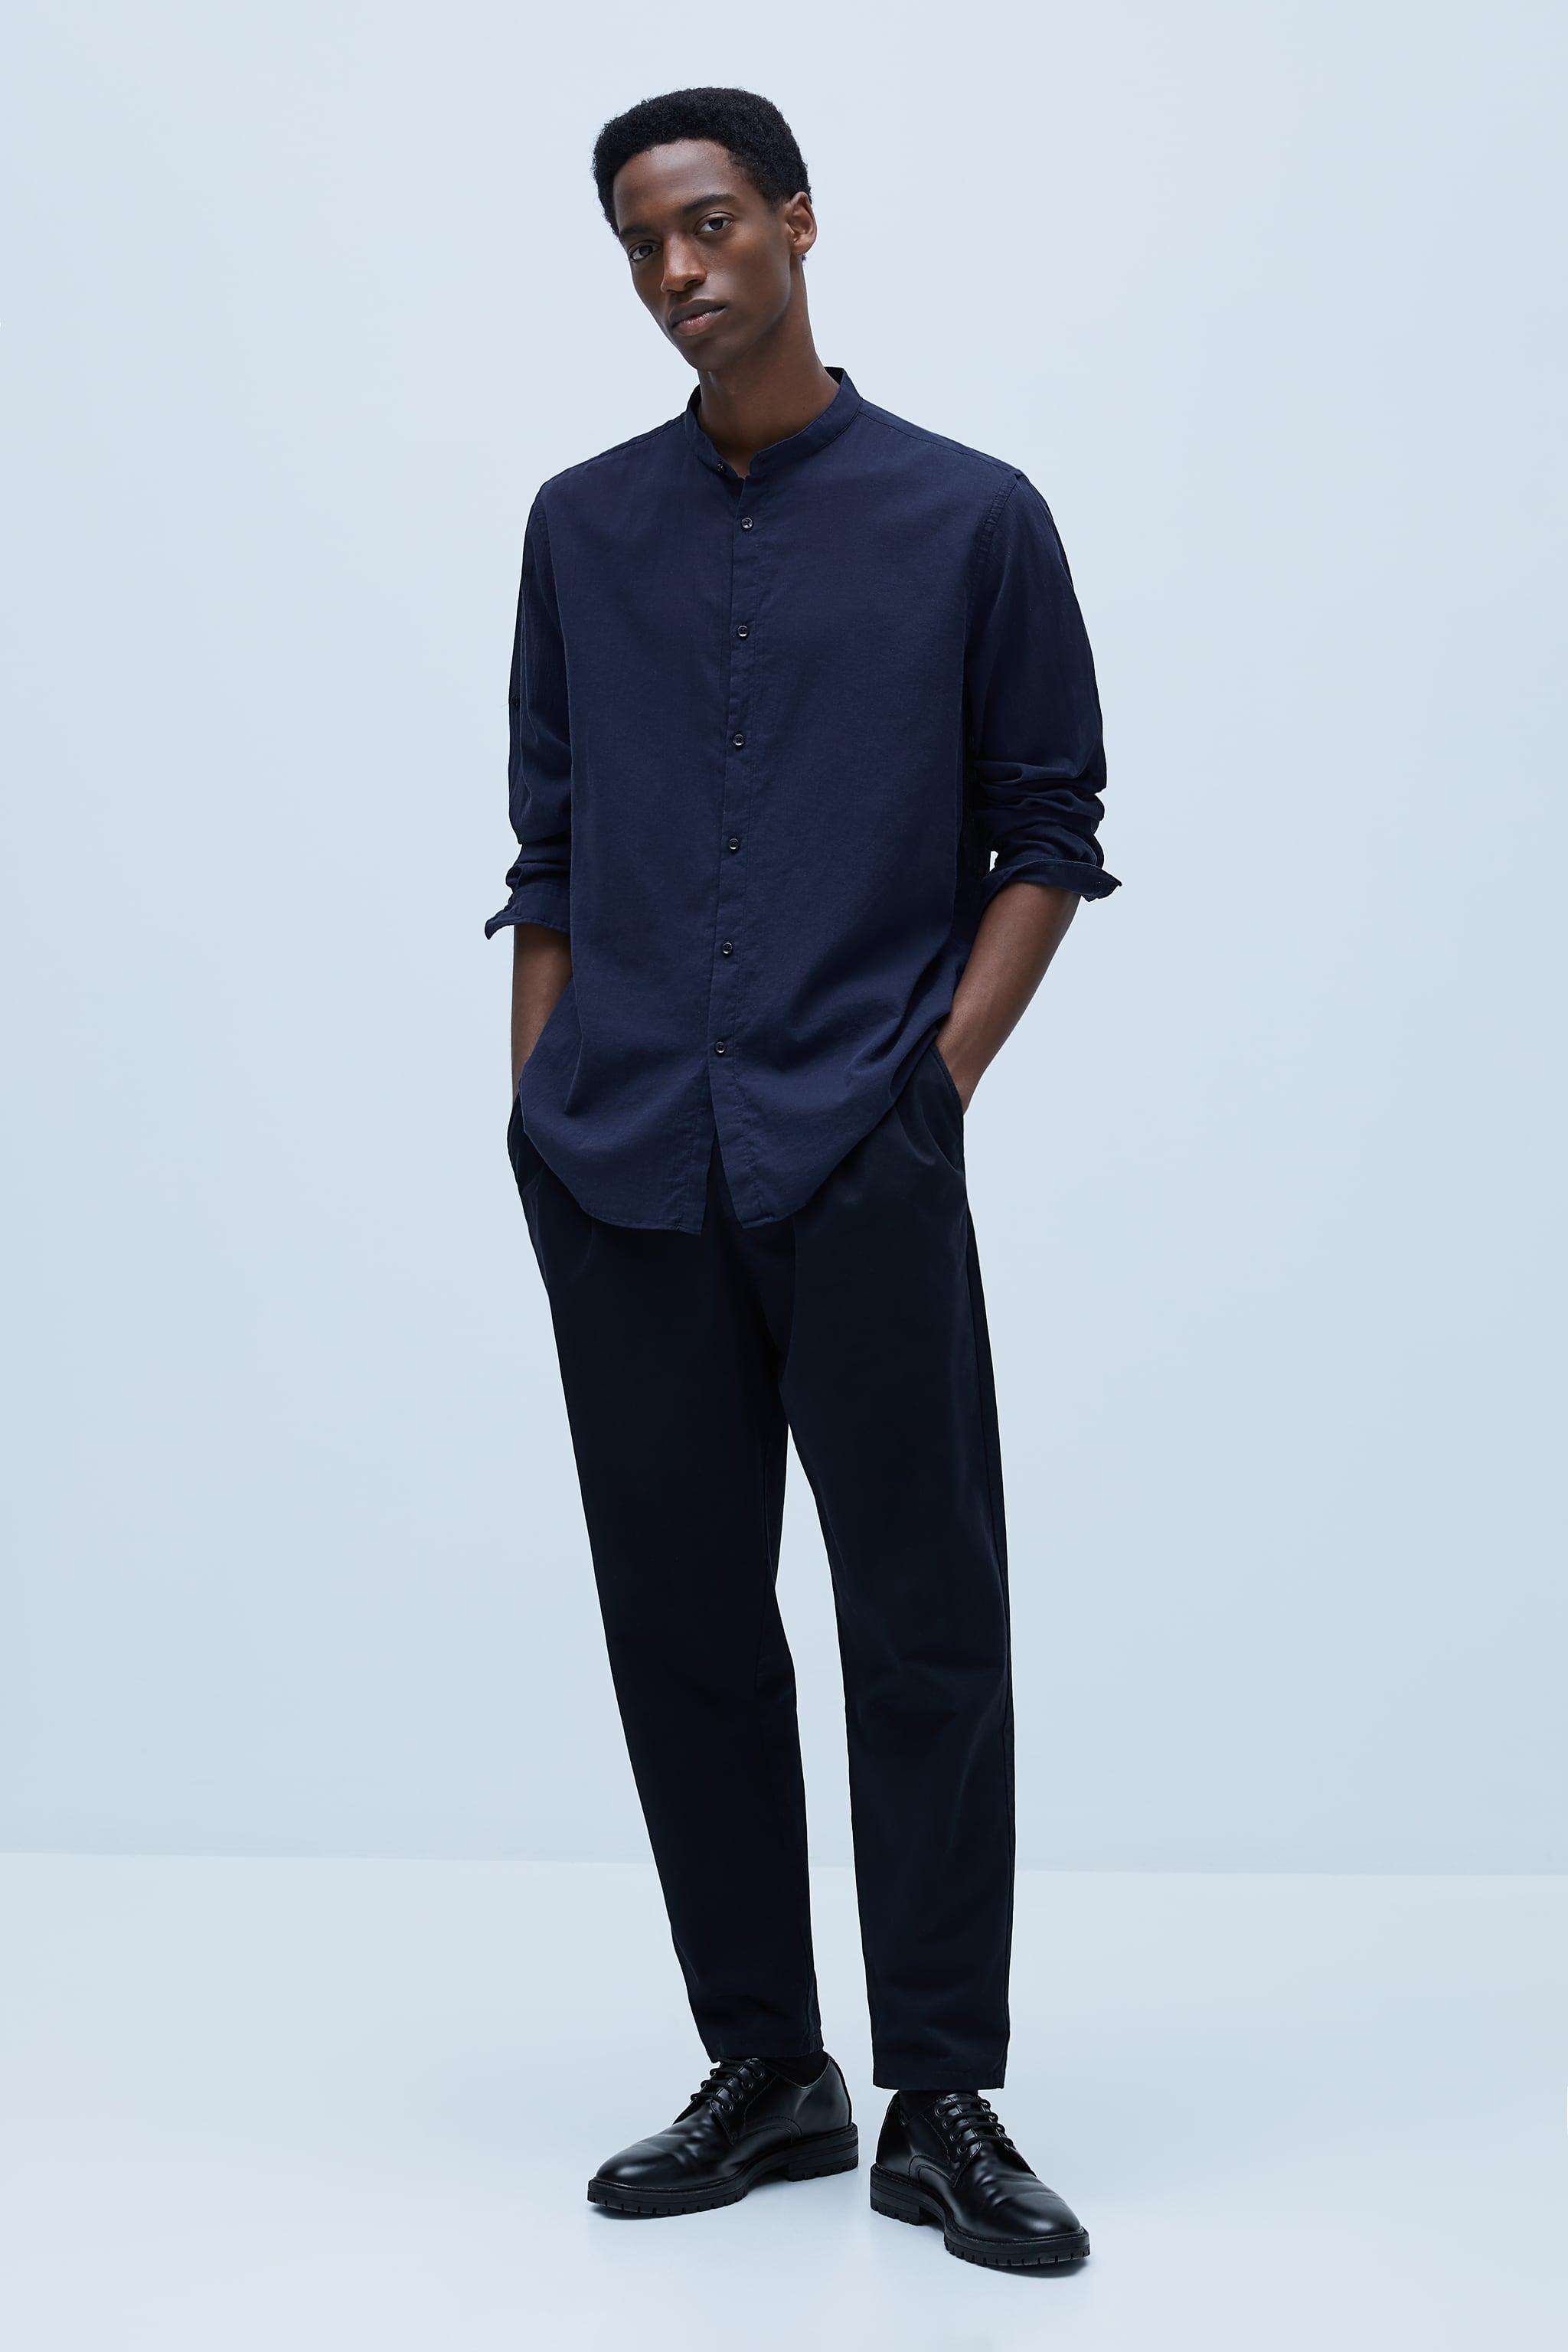 자라 Zara WRINKLED LOOK SHIRT,Navy blue